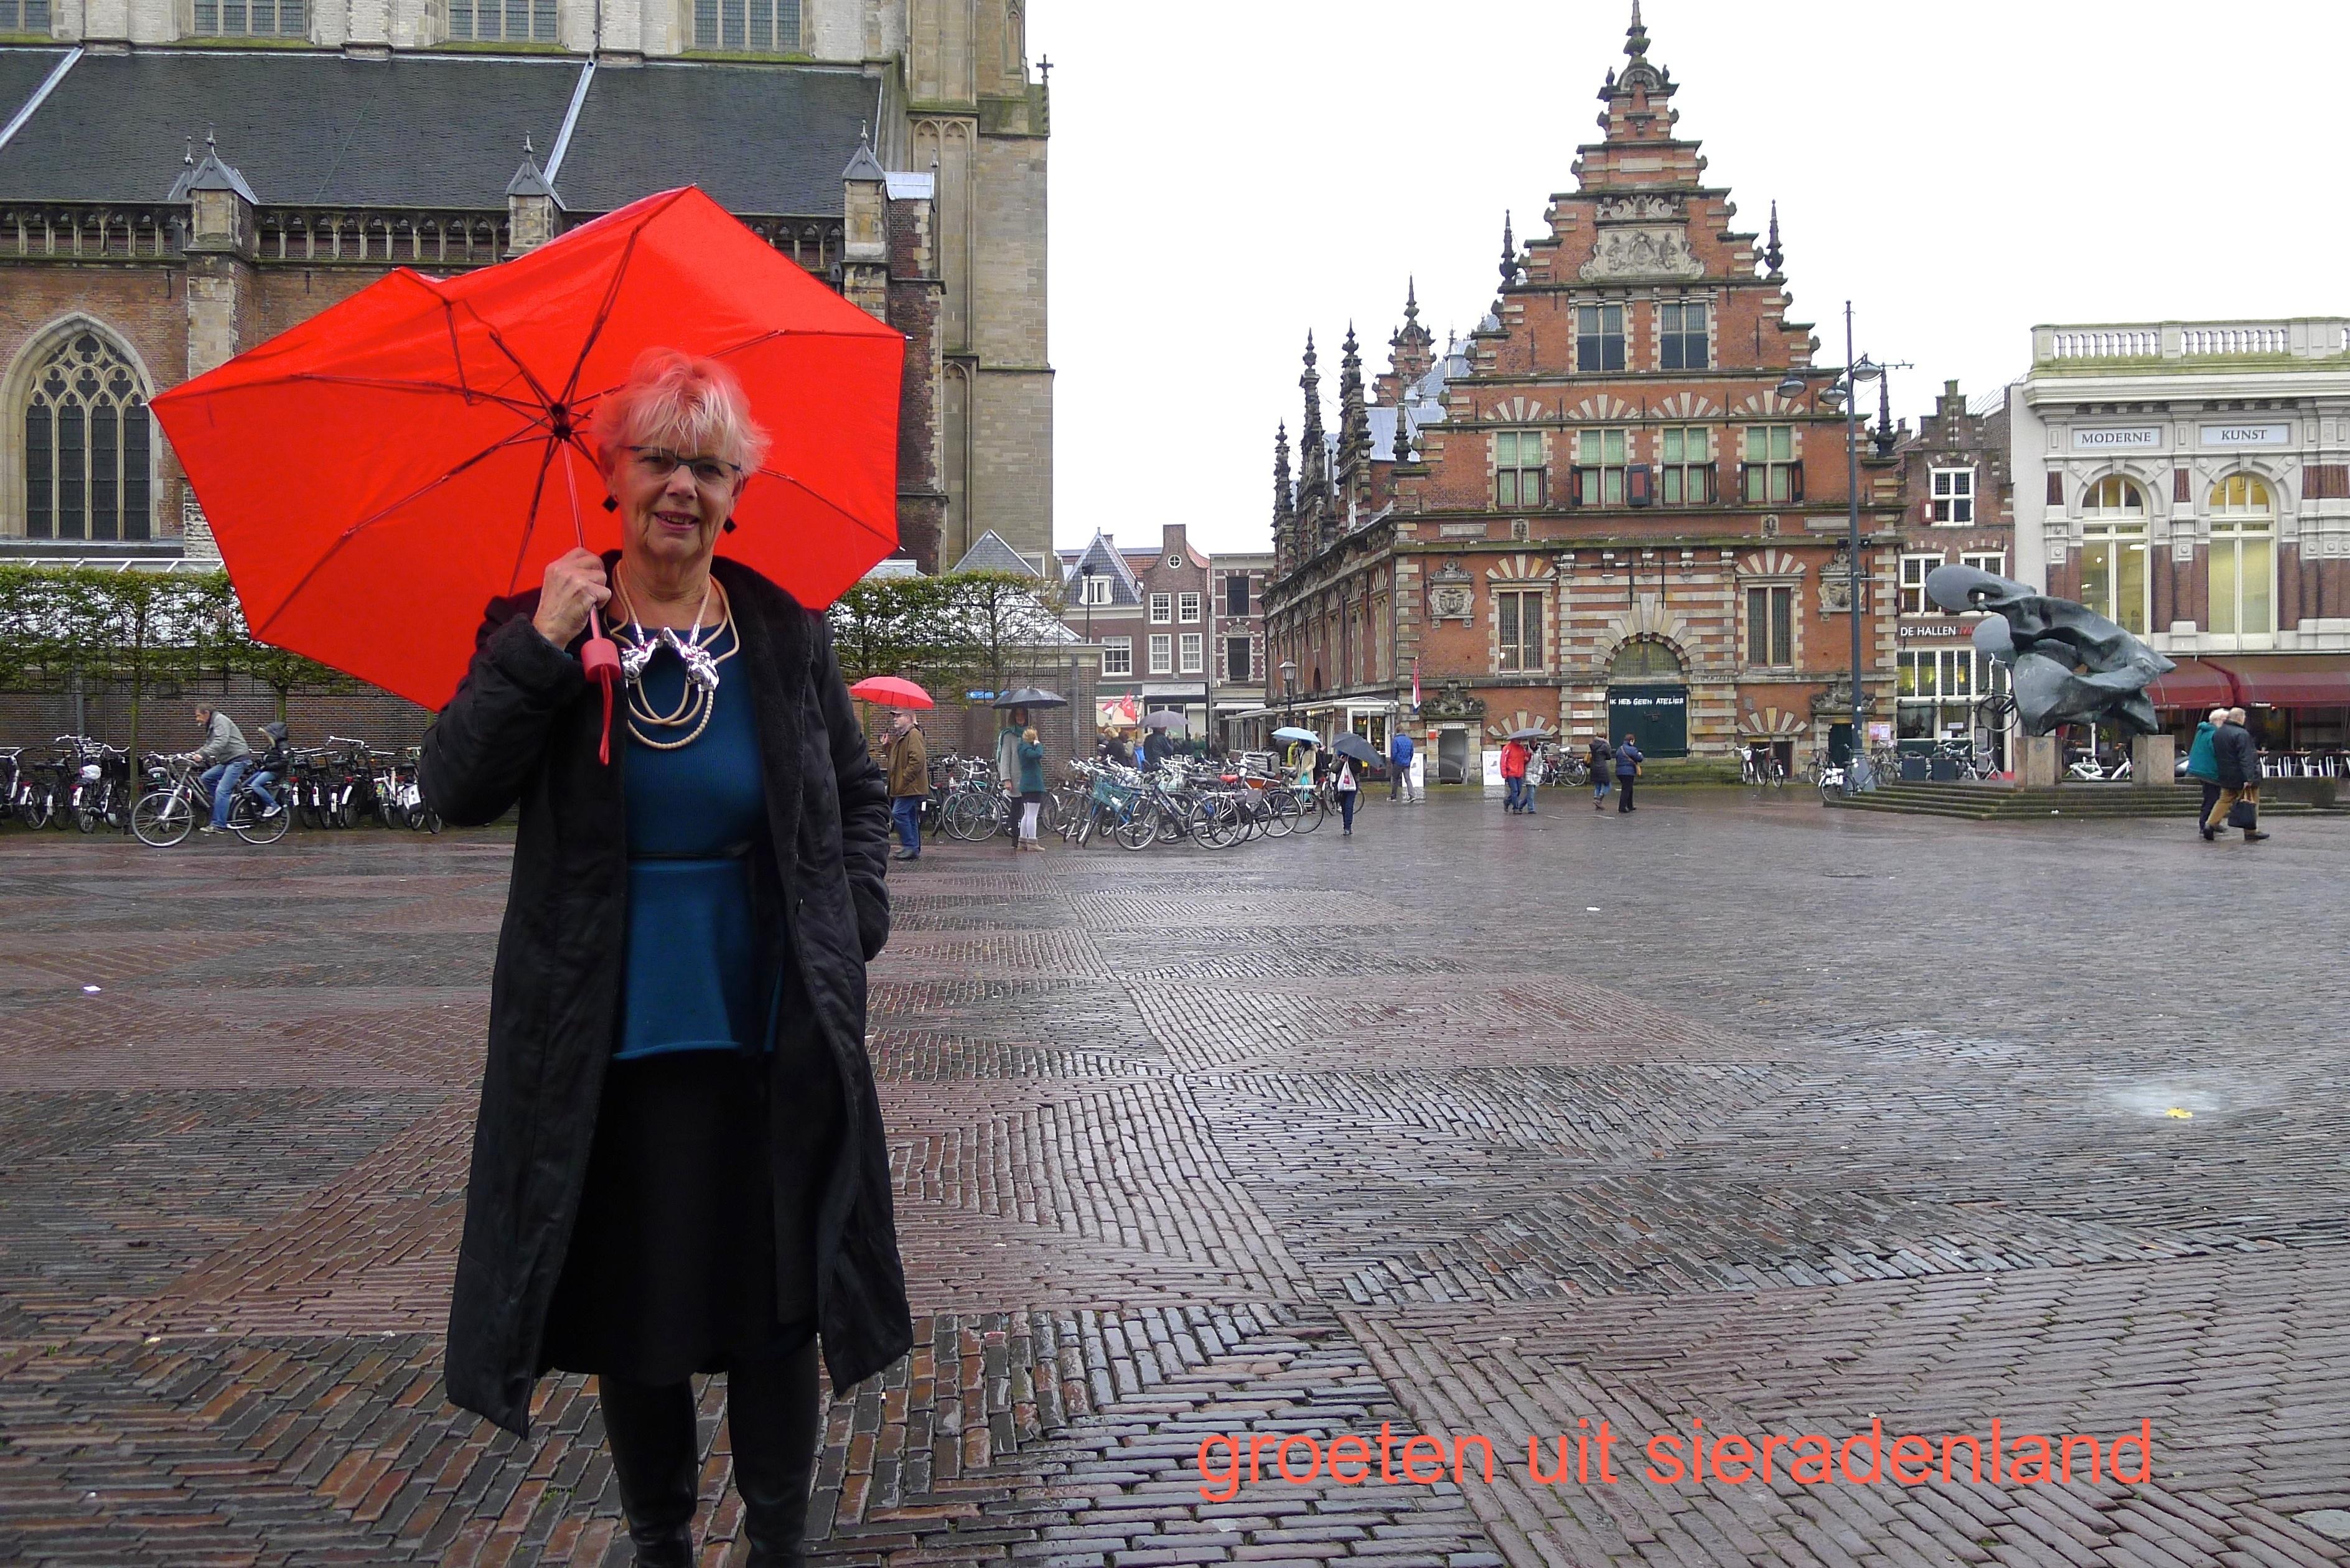 Claartje Keur, Zelfportret met halssieraad van Mi-Ah Rödiger, Haarlem, Sint Bavo en Vleeshal, 2012. Foto Claartje Keur